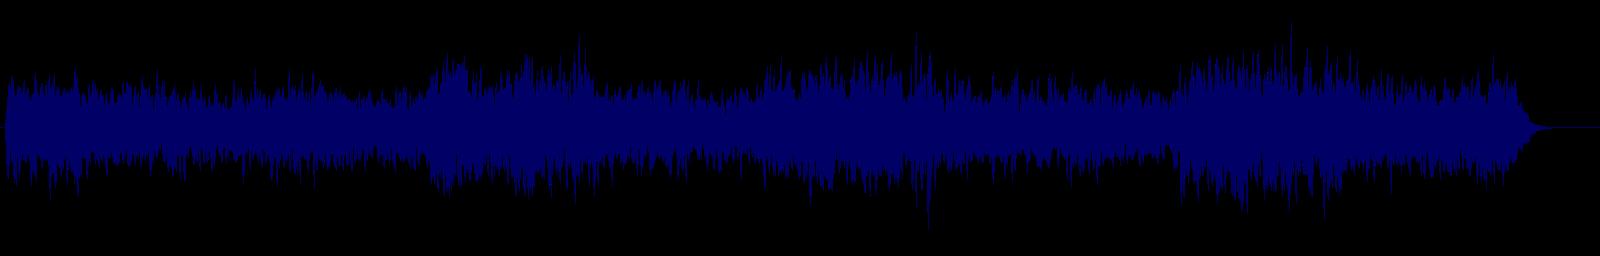 waveform of track #135625